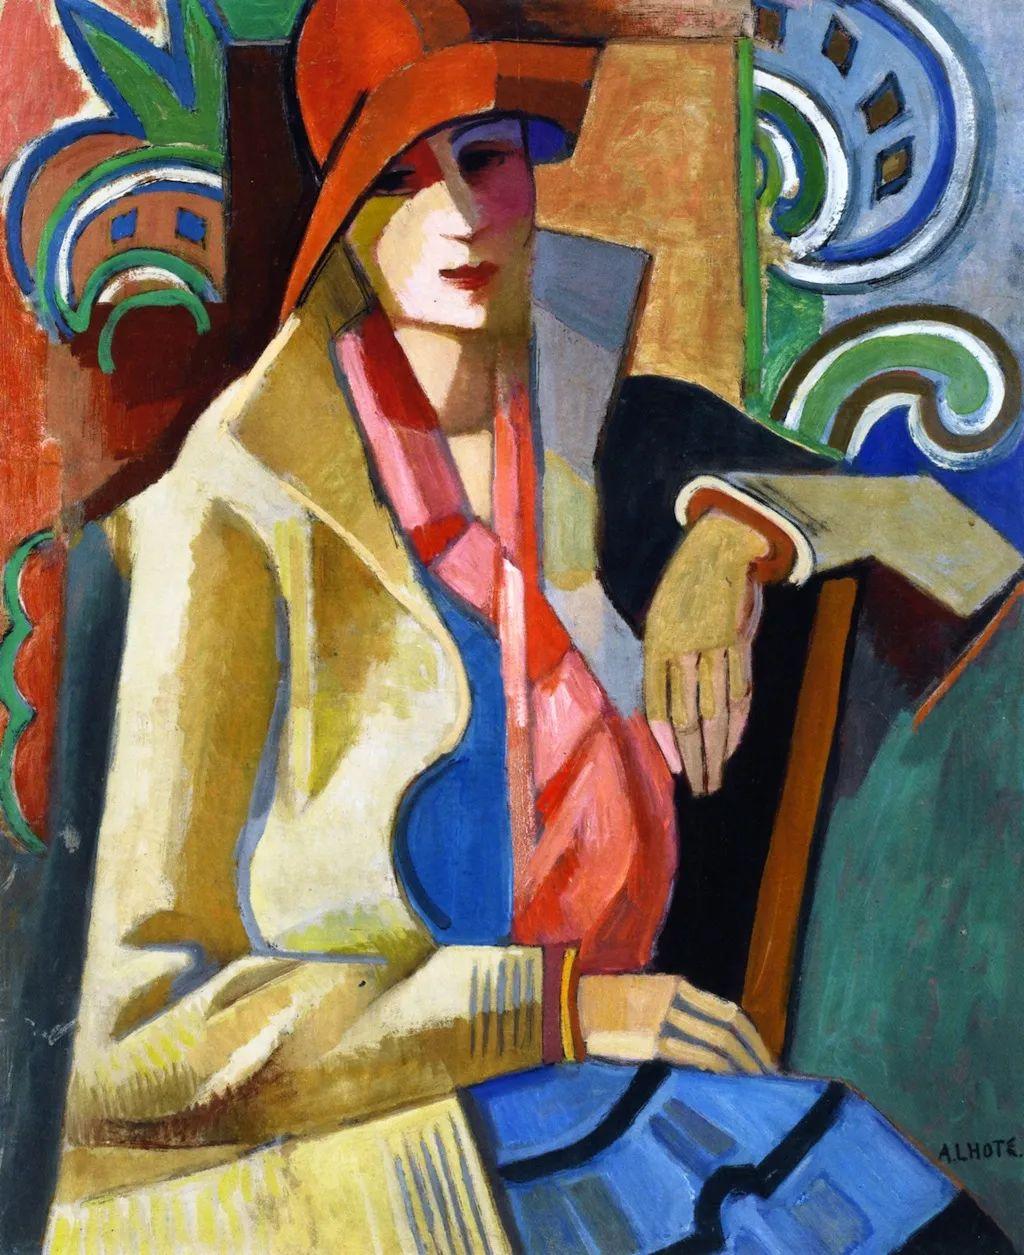 立体派,法国画家安德烈·洛特插图1